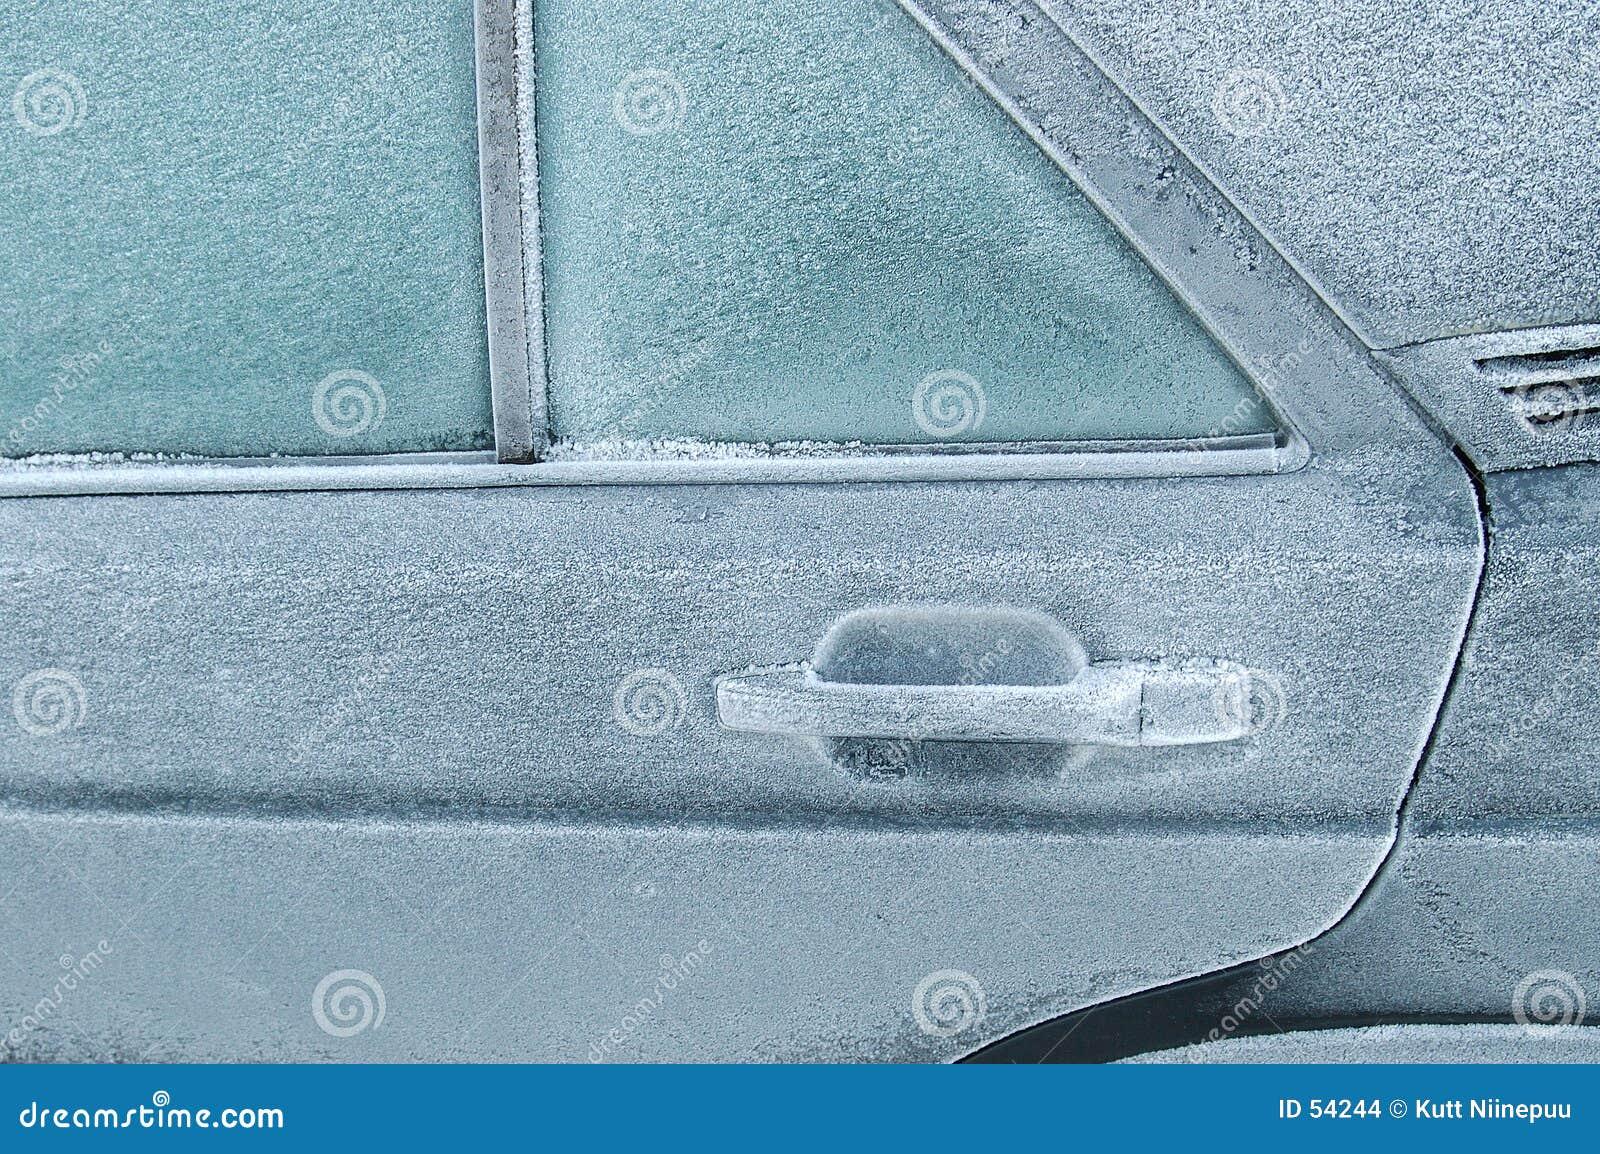 Back door frozen shut